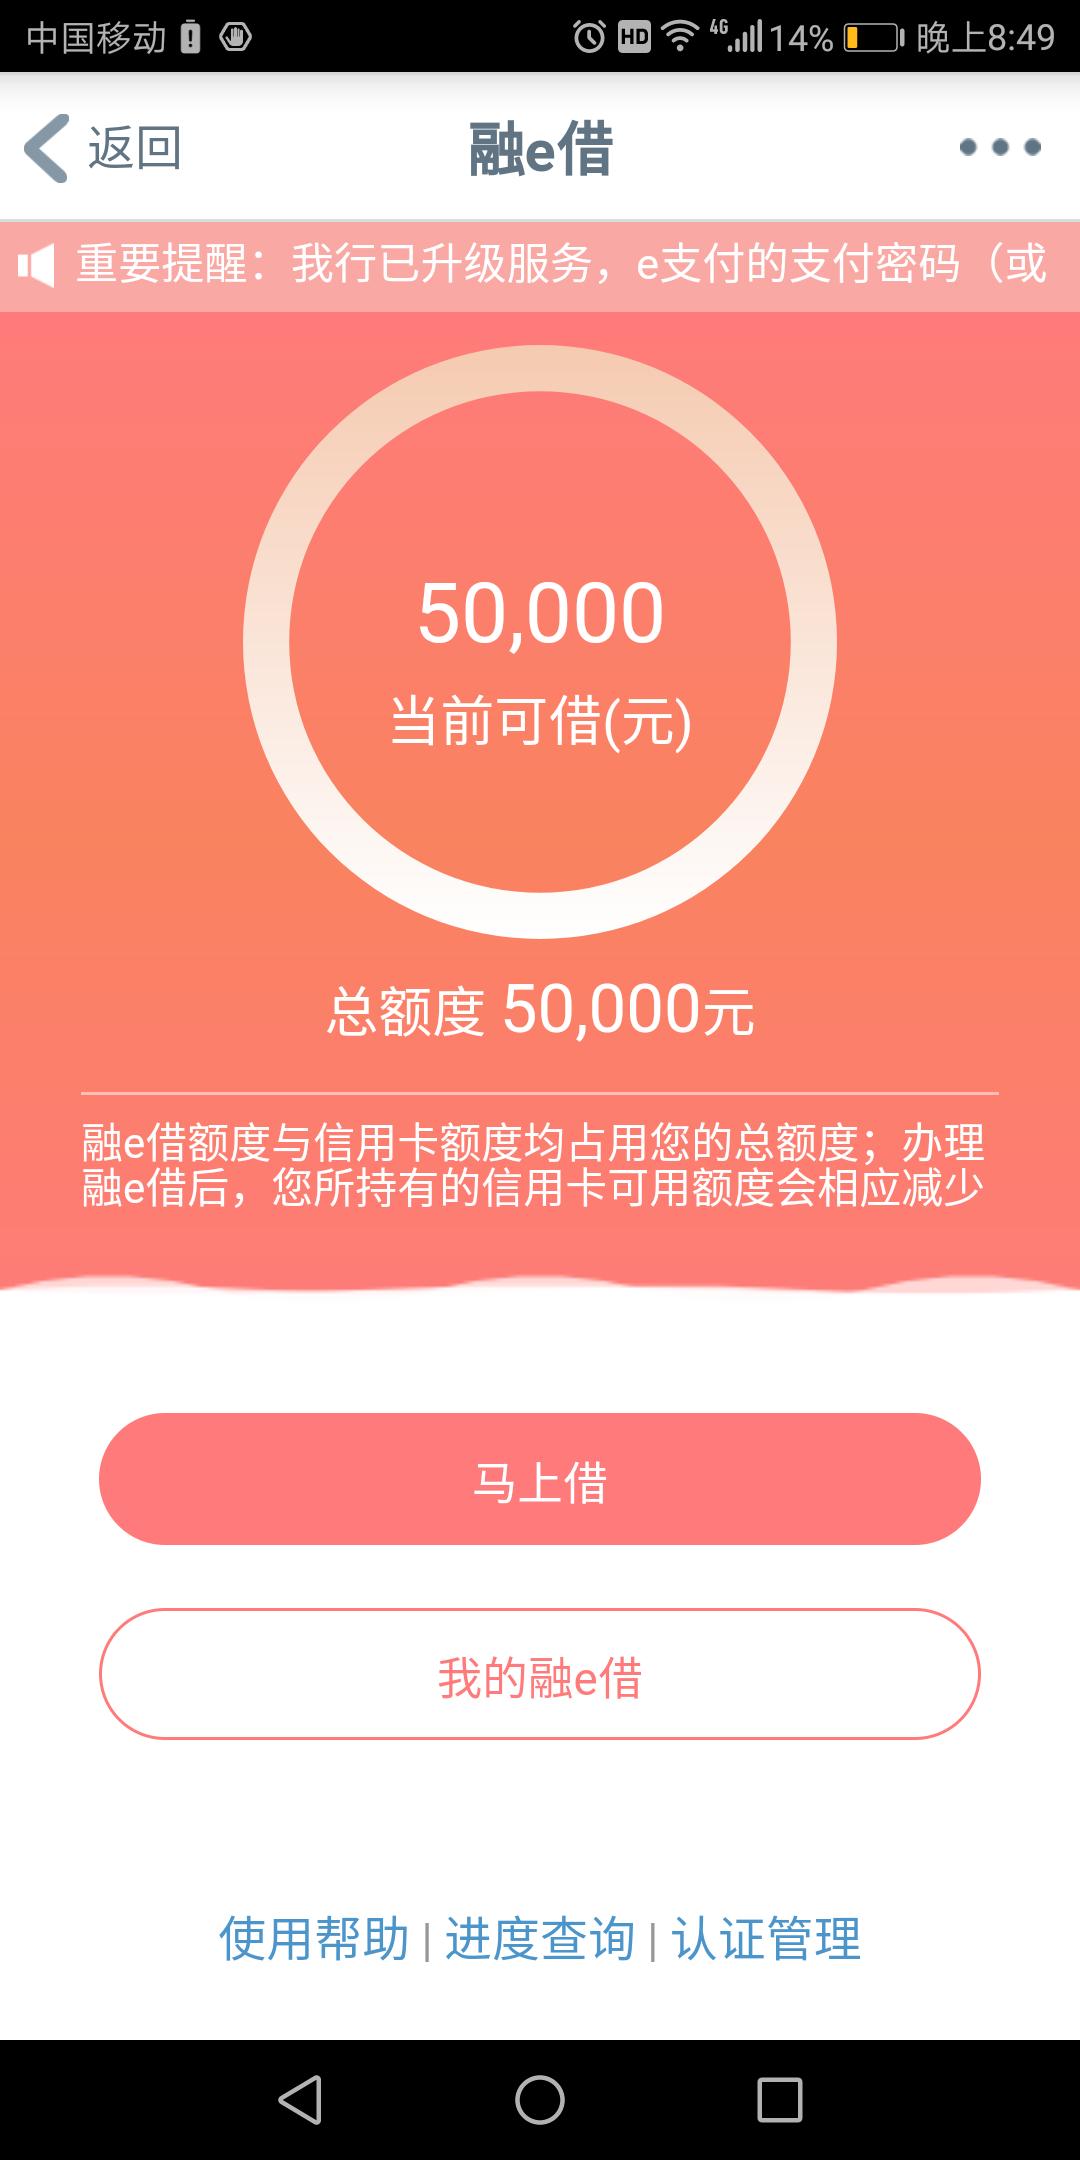 工行融e借5万额度秒到账,居然如此便捷